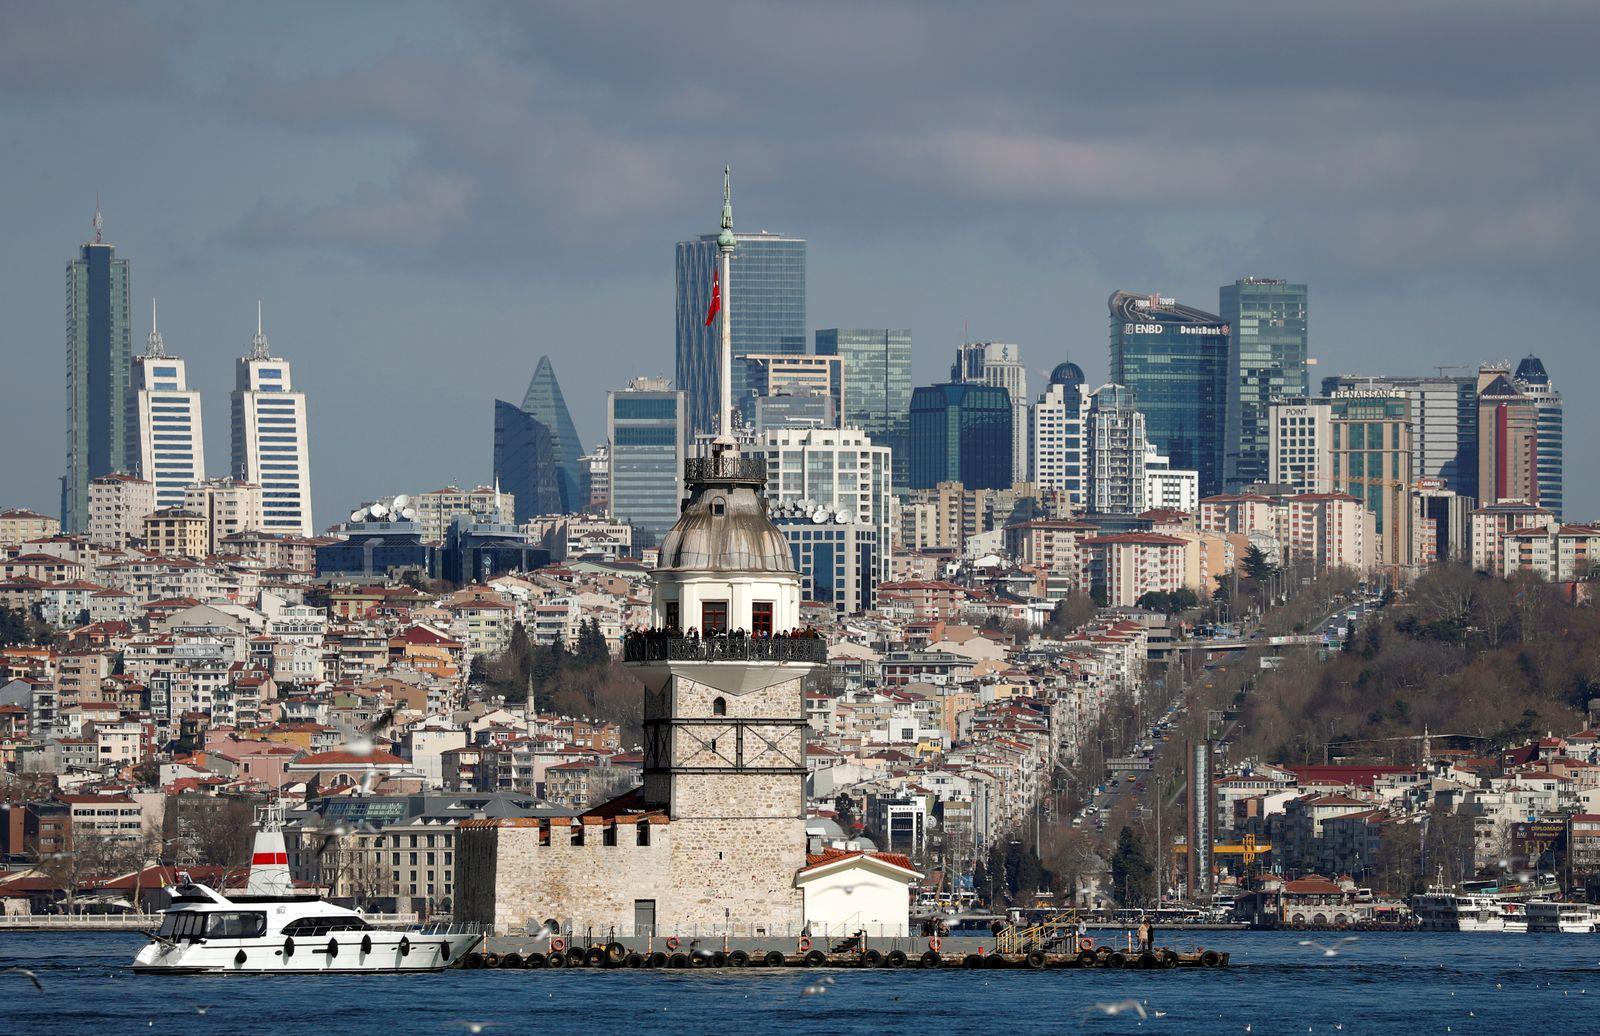 TURKEY-CITYSCAPE/